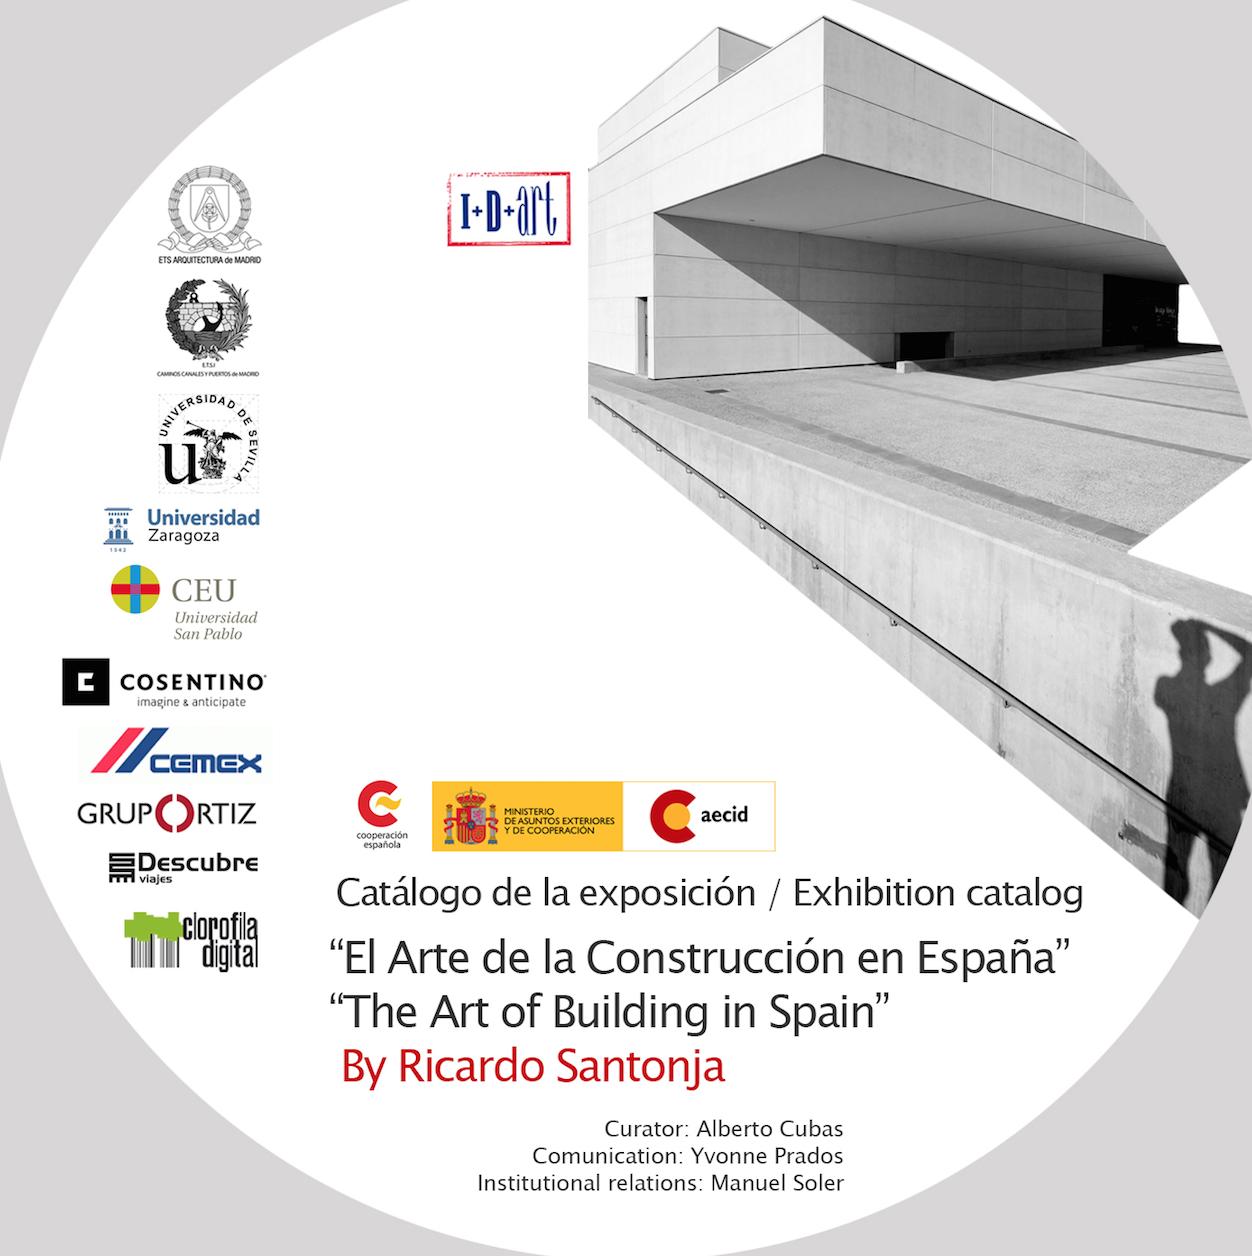 El Arte de la Construcción en España